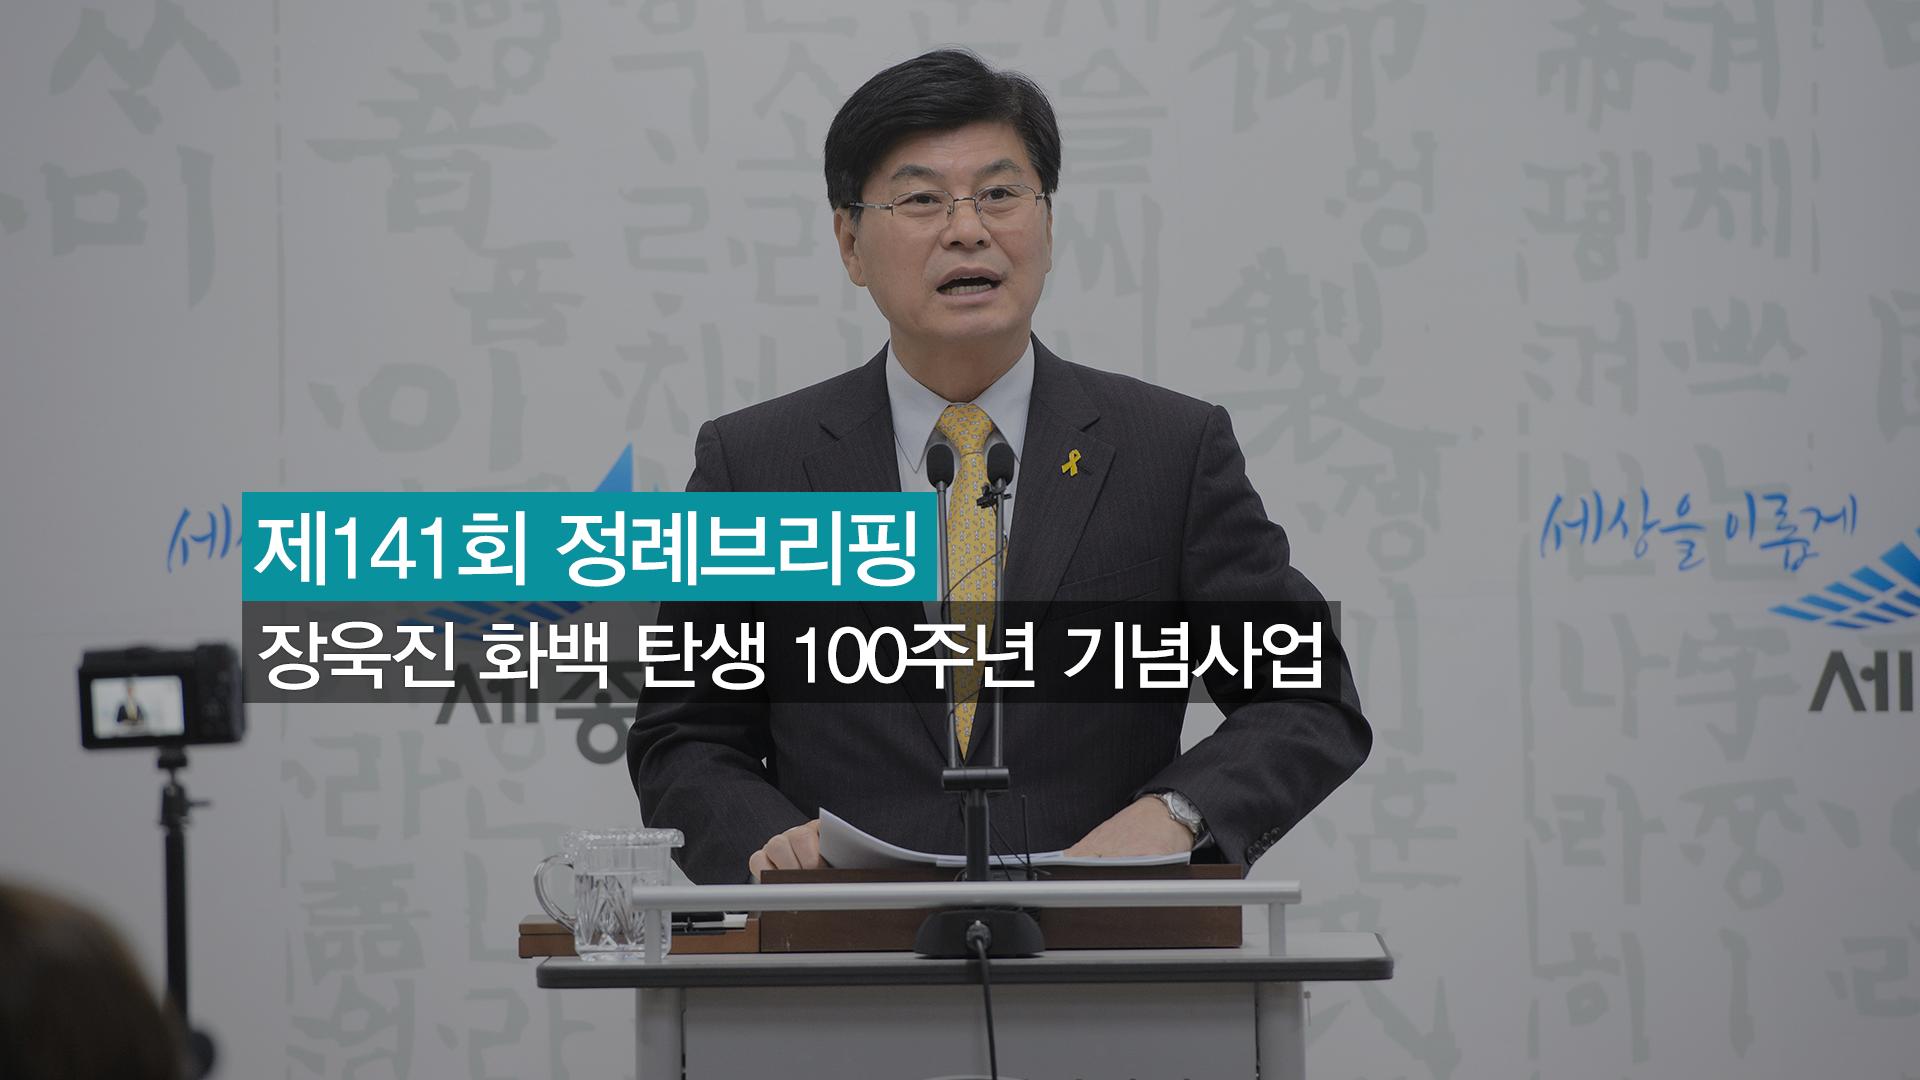 <141번째 정례브리핑> 장욱진 화백 탄생 100주년 기념사업